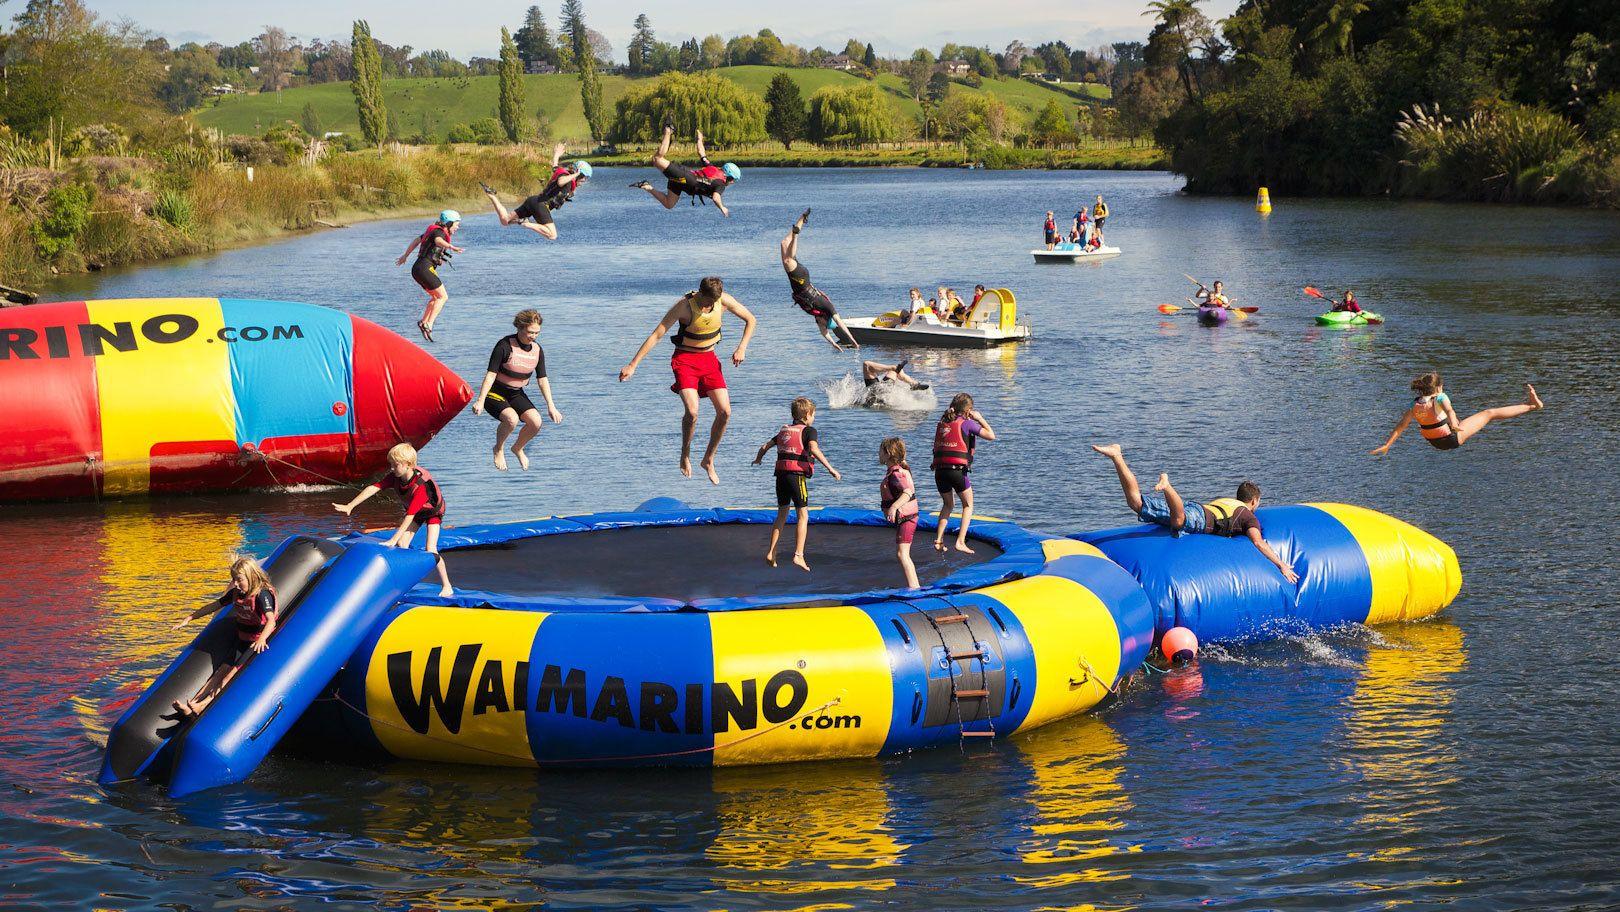 Waimarino Adventure Park Pass